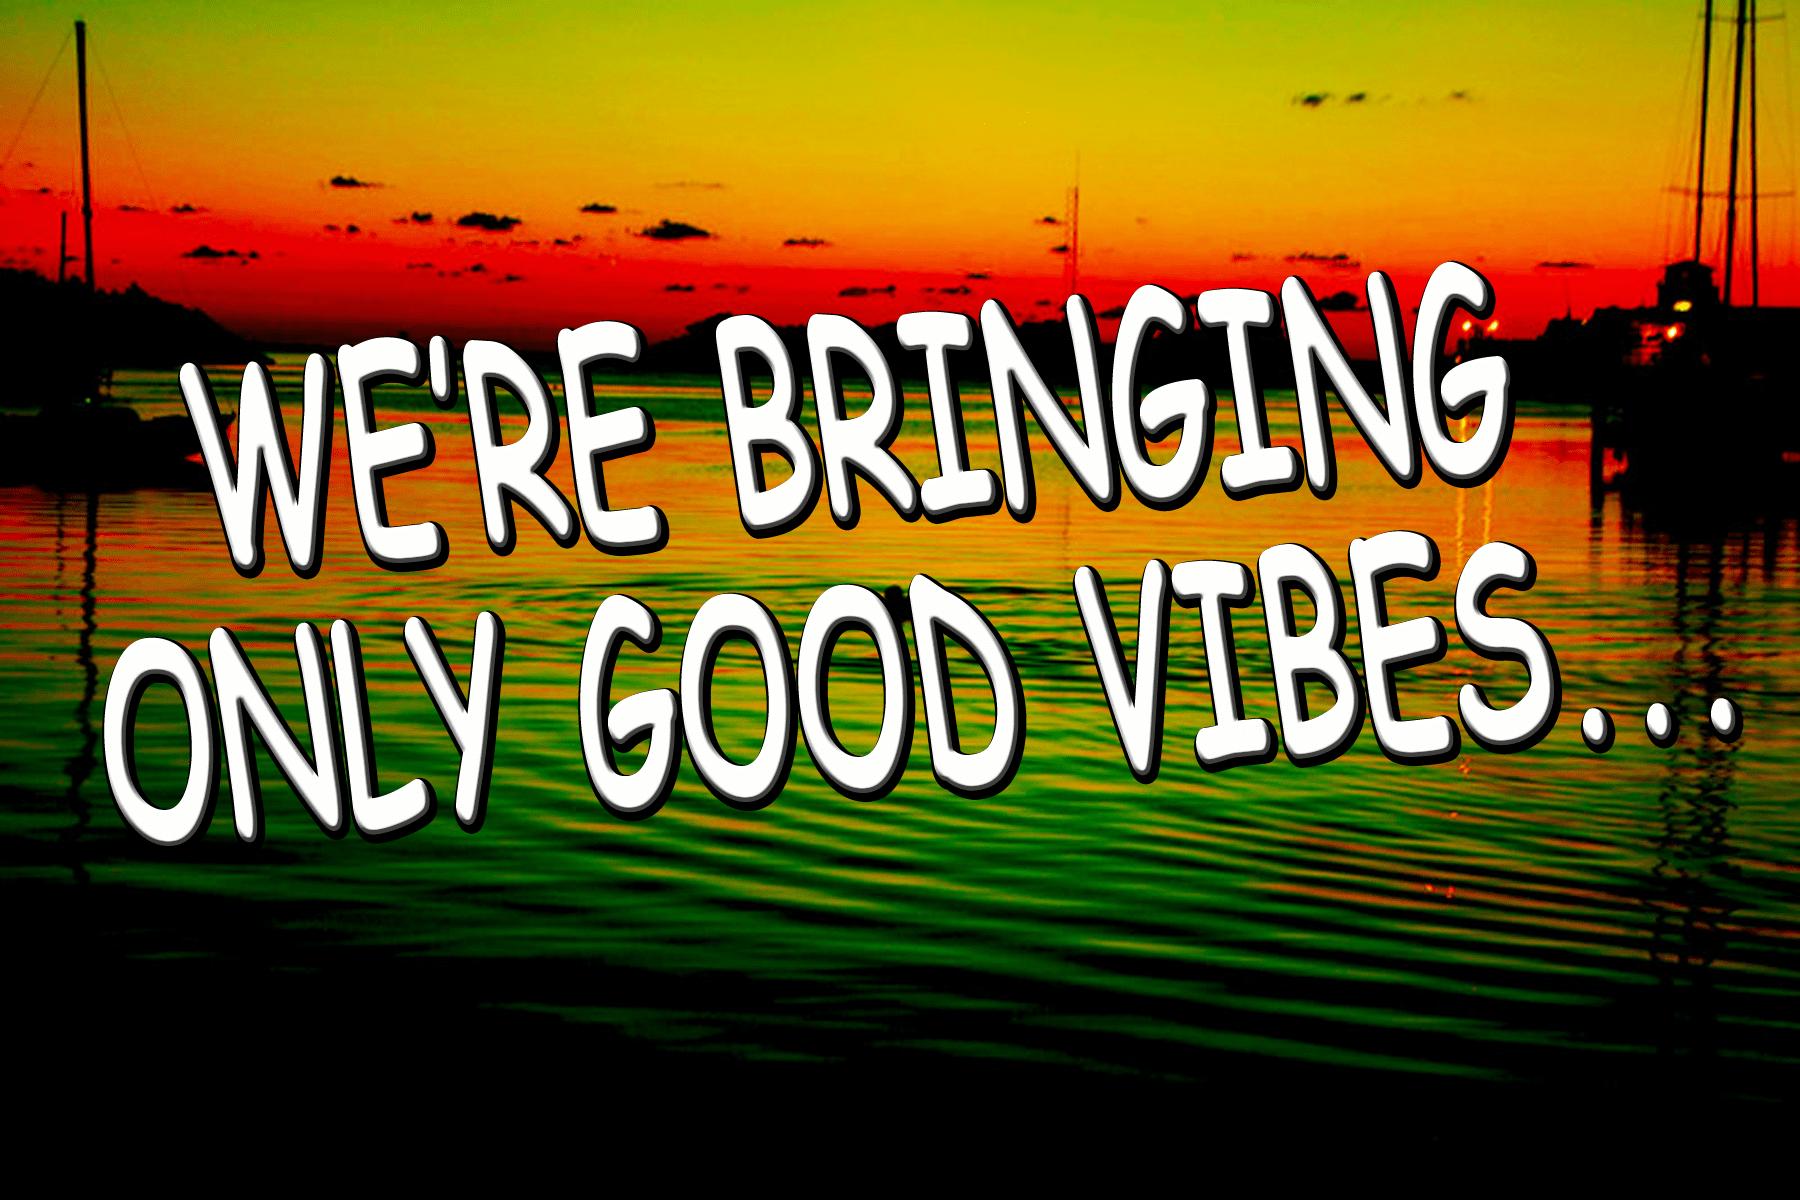 Πώς να δημιουργήσω ένα καλό vibe